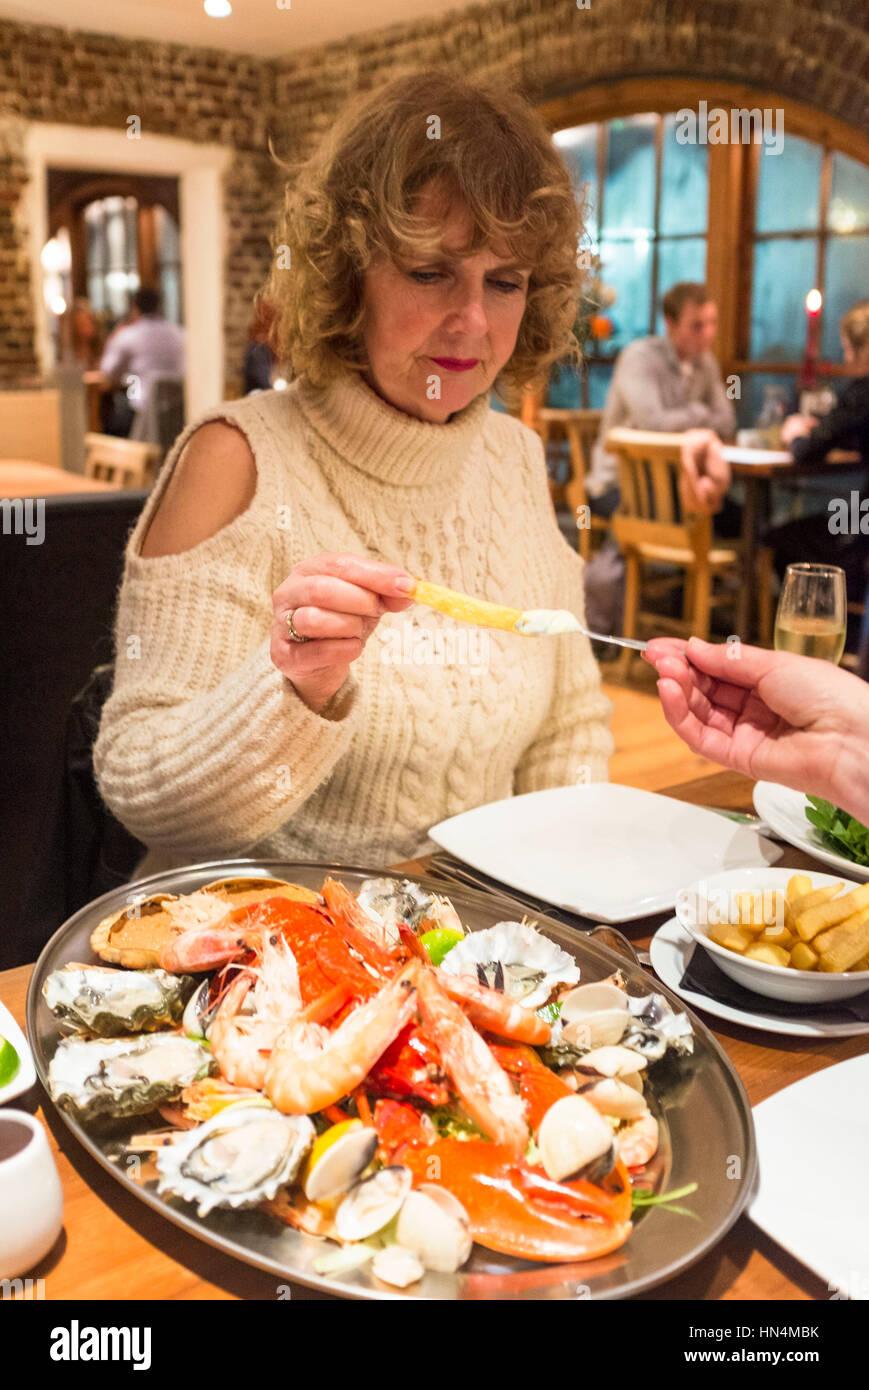 Mariscos plato de mariscos con langosta y cangrejo en El Cobre Clam restaurante en Brighton Seafront UK Foto de stock